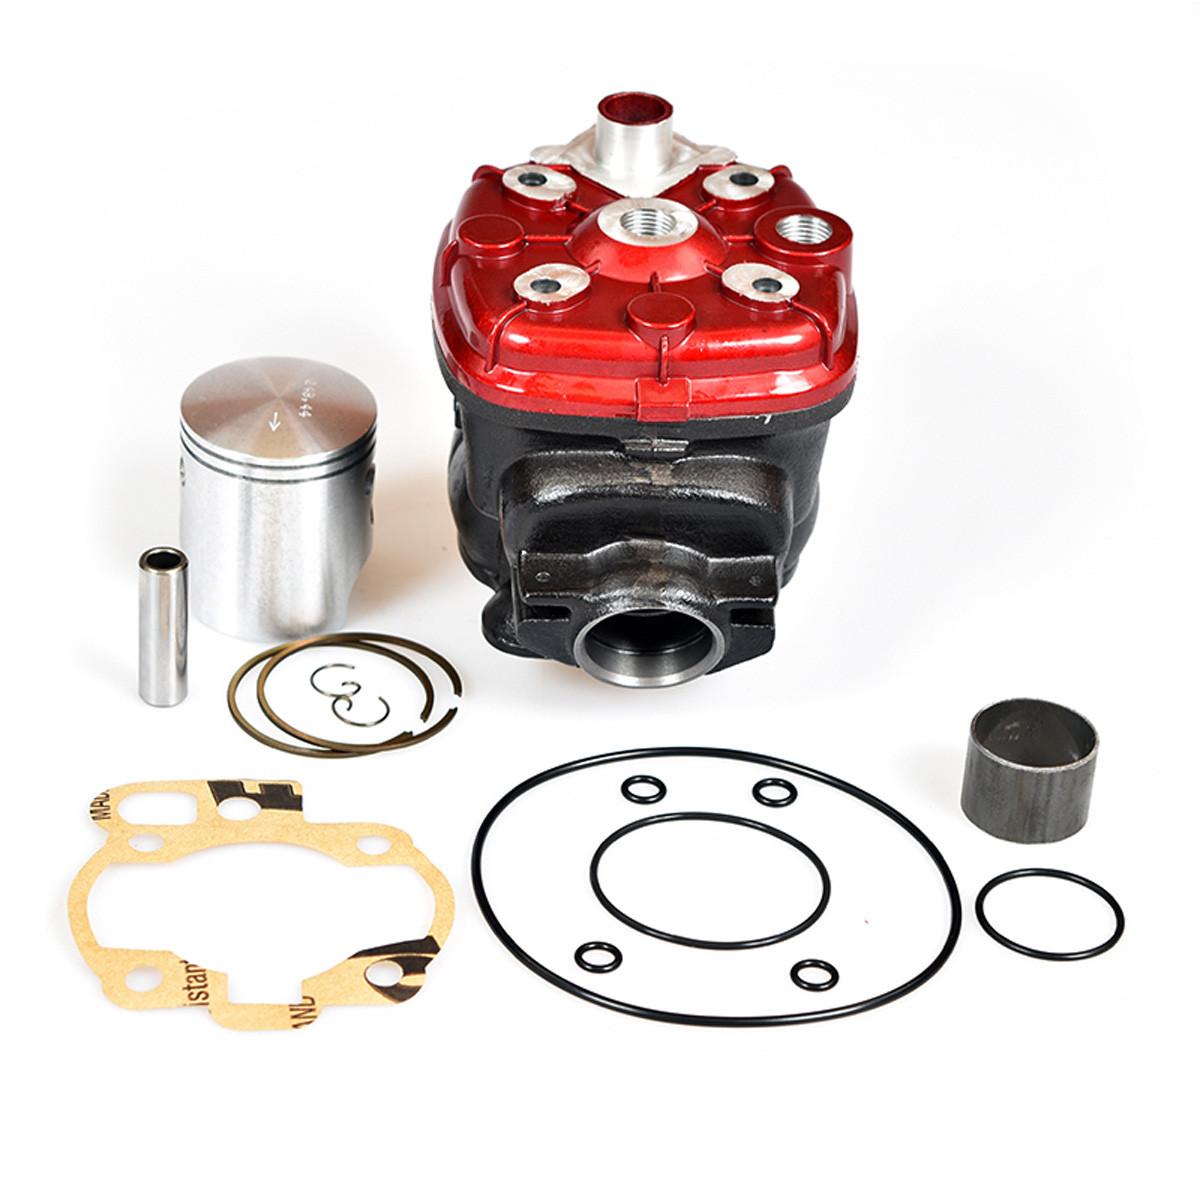 Kit Haut Moteur 75cc AM6 - MVT Iron Max Fonte 48.5mm IM10